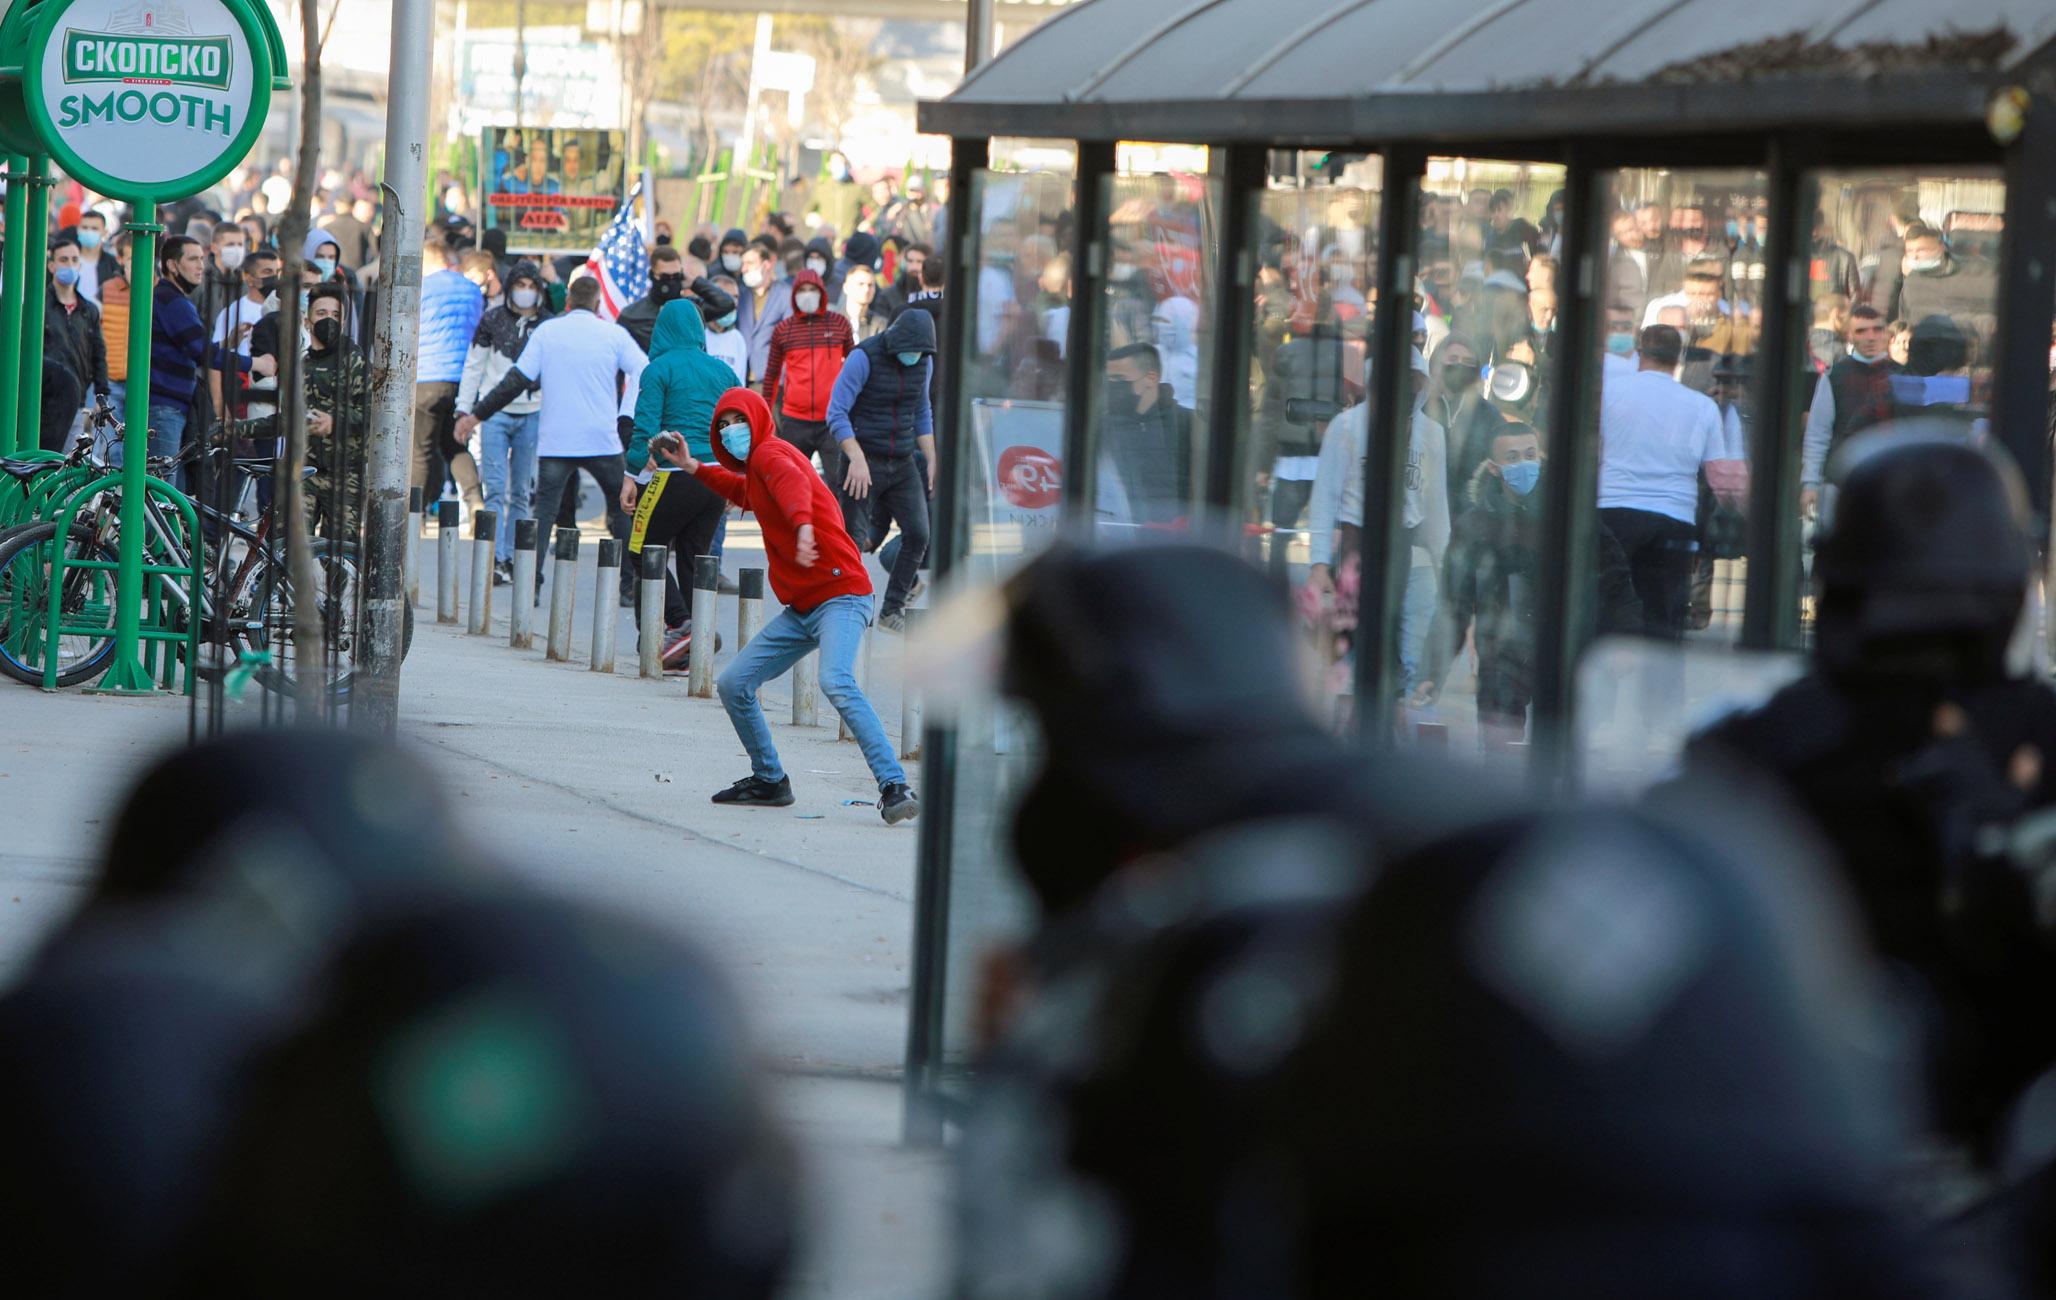 Βόρεια Μακεδονία: Επεισόδια σε διαδήλωση Αλβανών στα Σκόπια